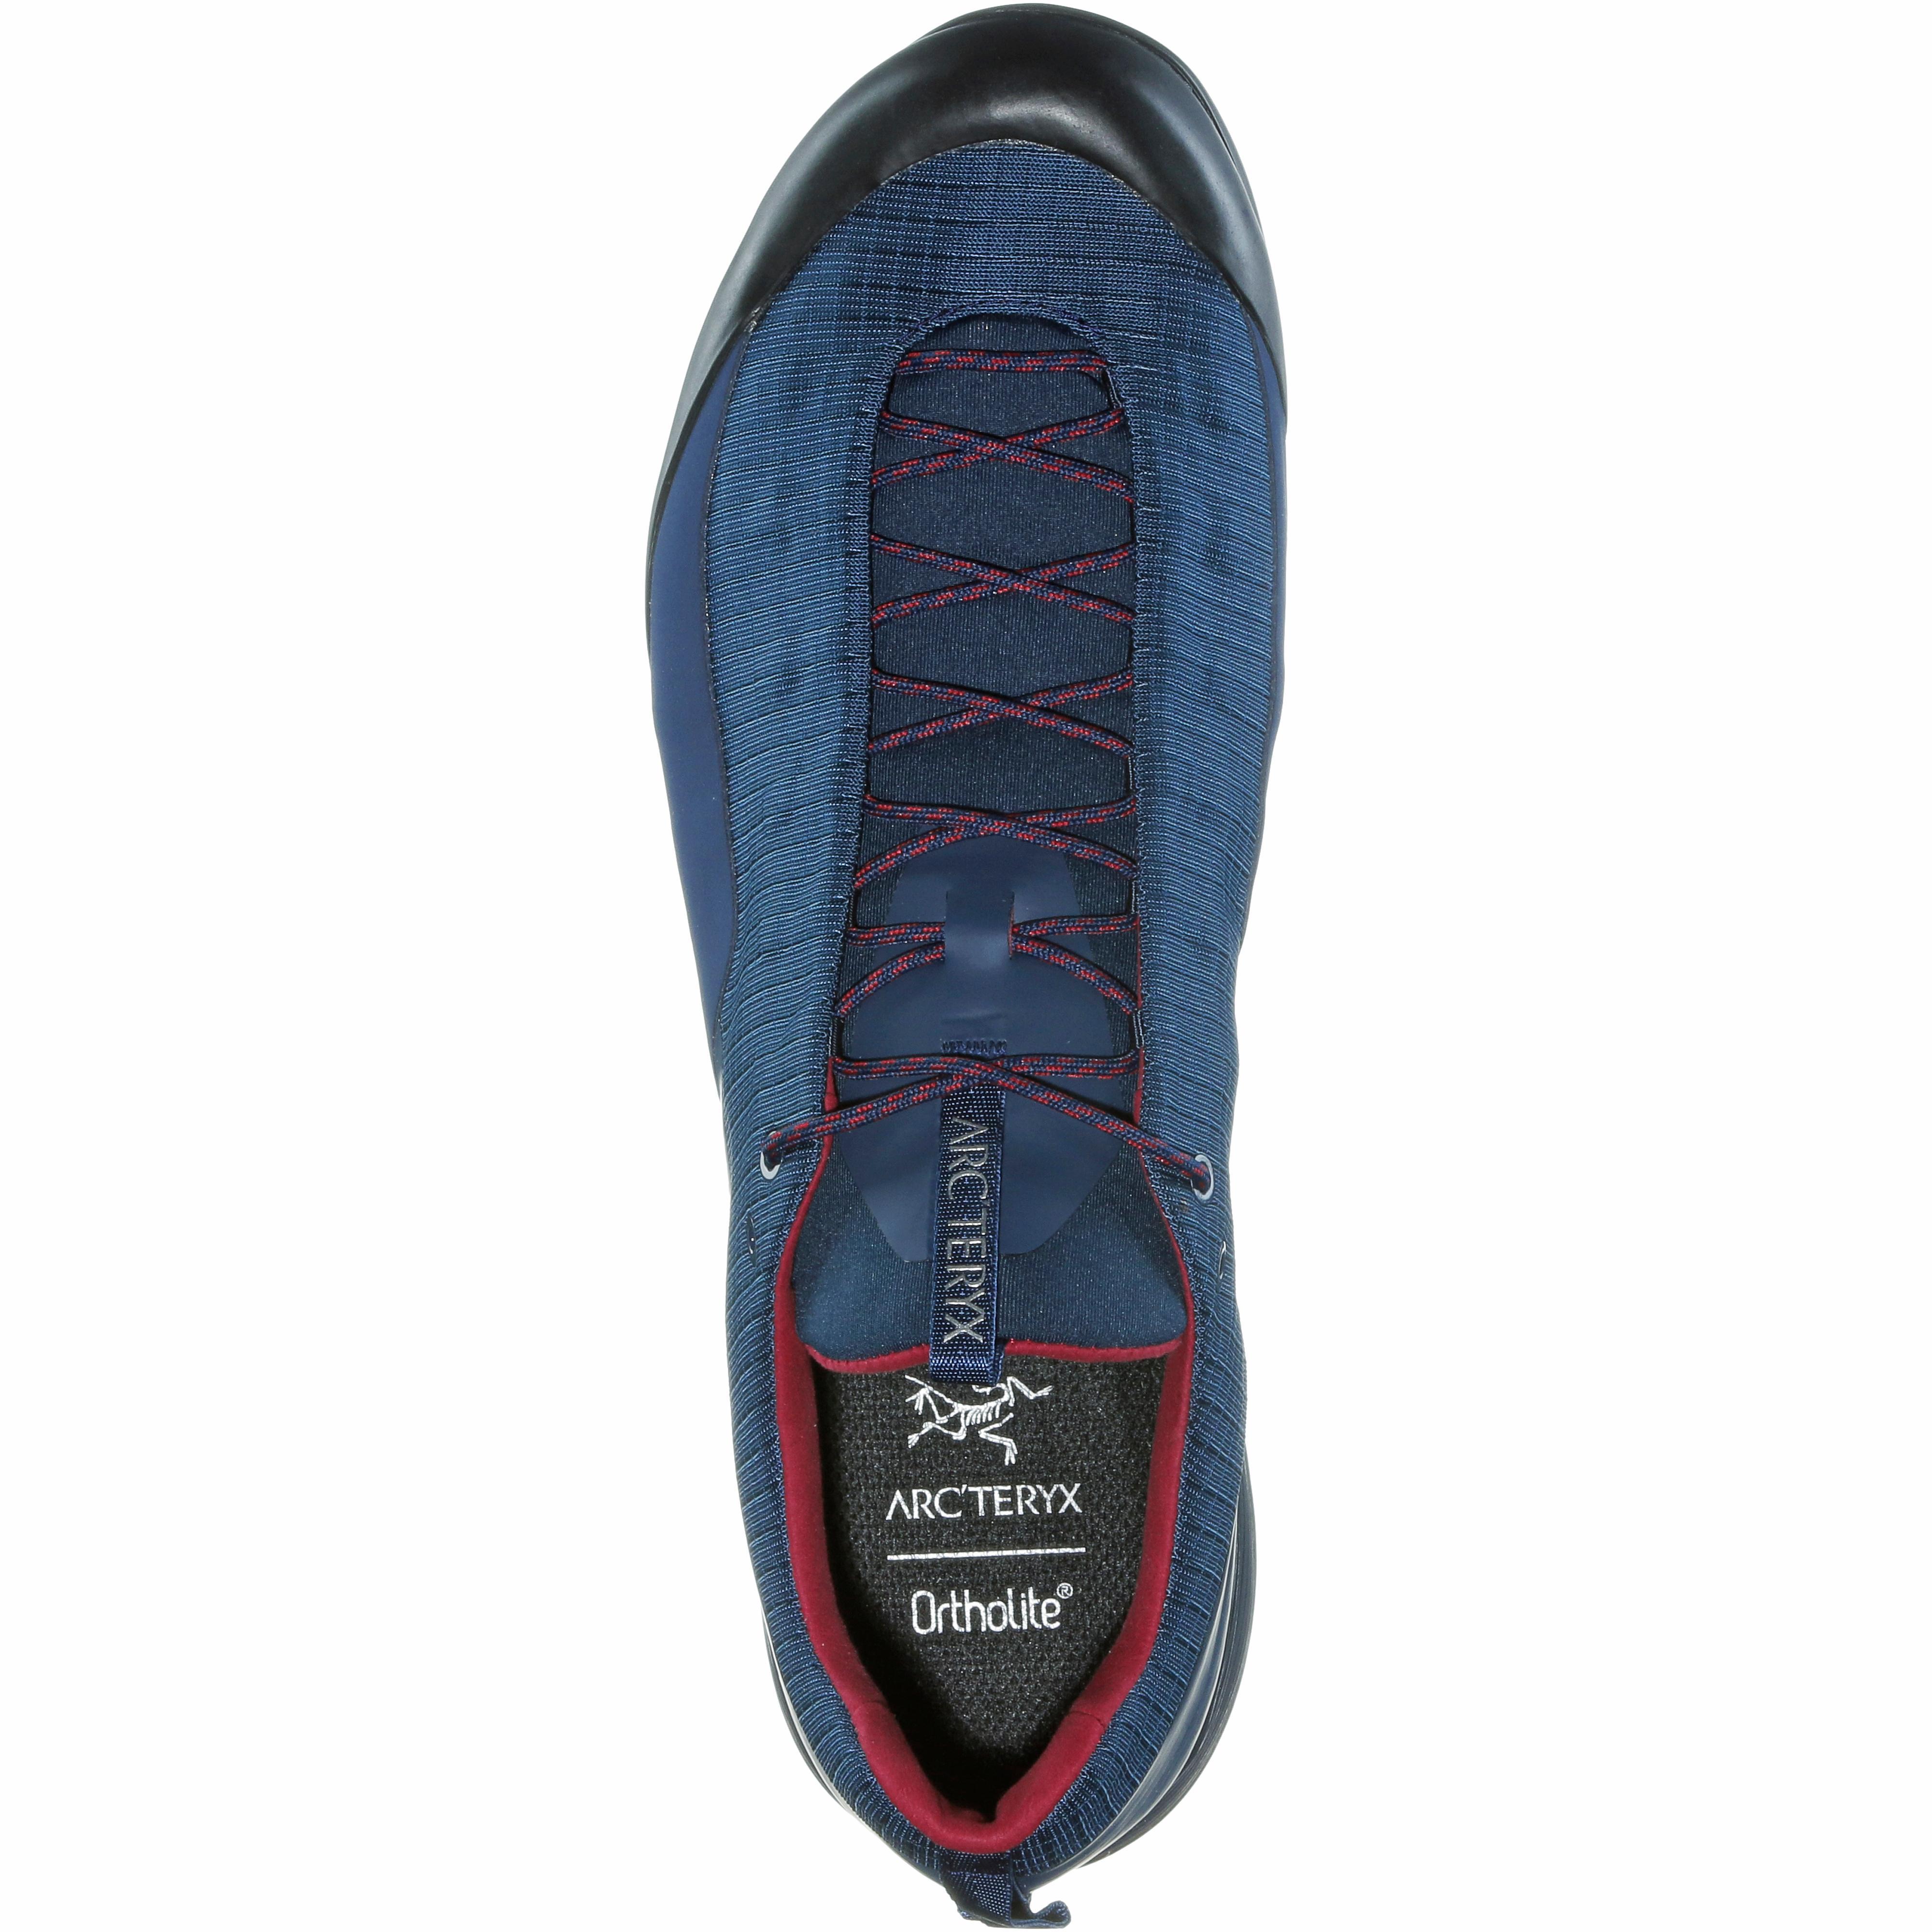 Arcteryx Konseal FL FL FL Zustiegsschuhe Herren nocturne-rot beach im Online Shop von SportScheck kaufen Gute Qualität beliebte Schuhe a2a1e9